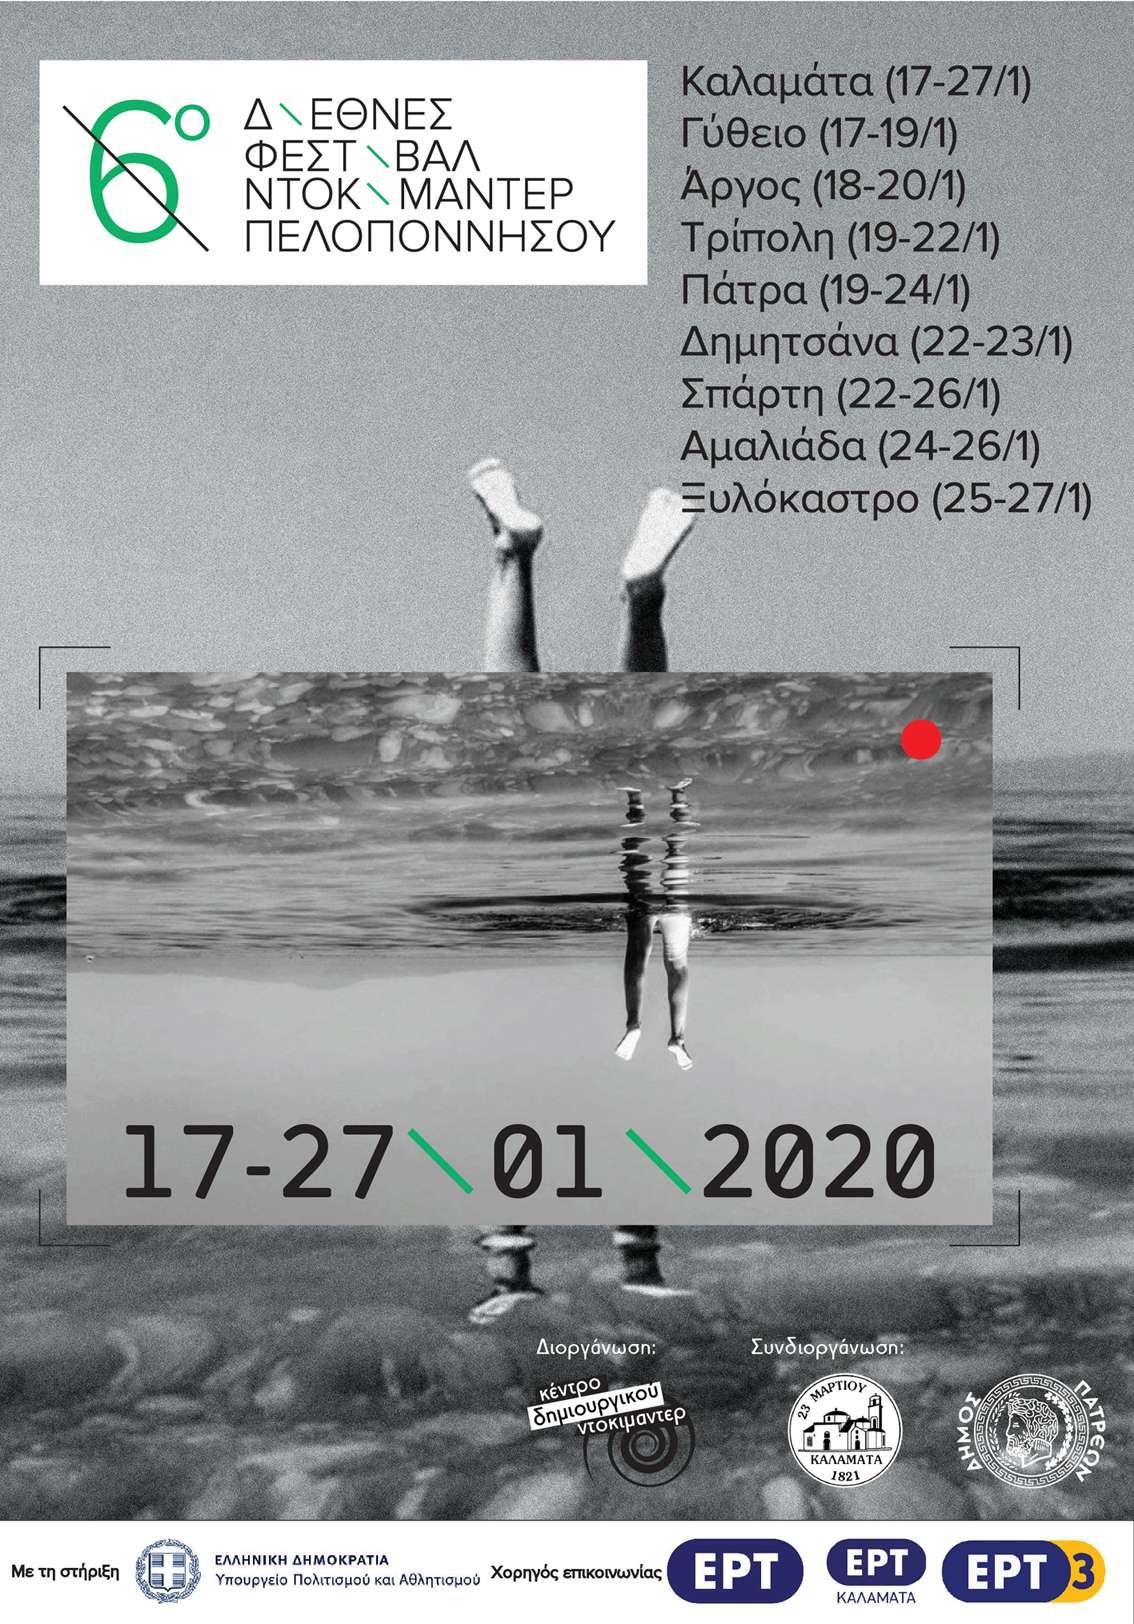 6ο Διεθνές Φεστιβάλ Ντοκιμαντέρ Πελοποννήσου afisa